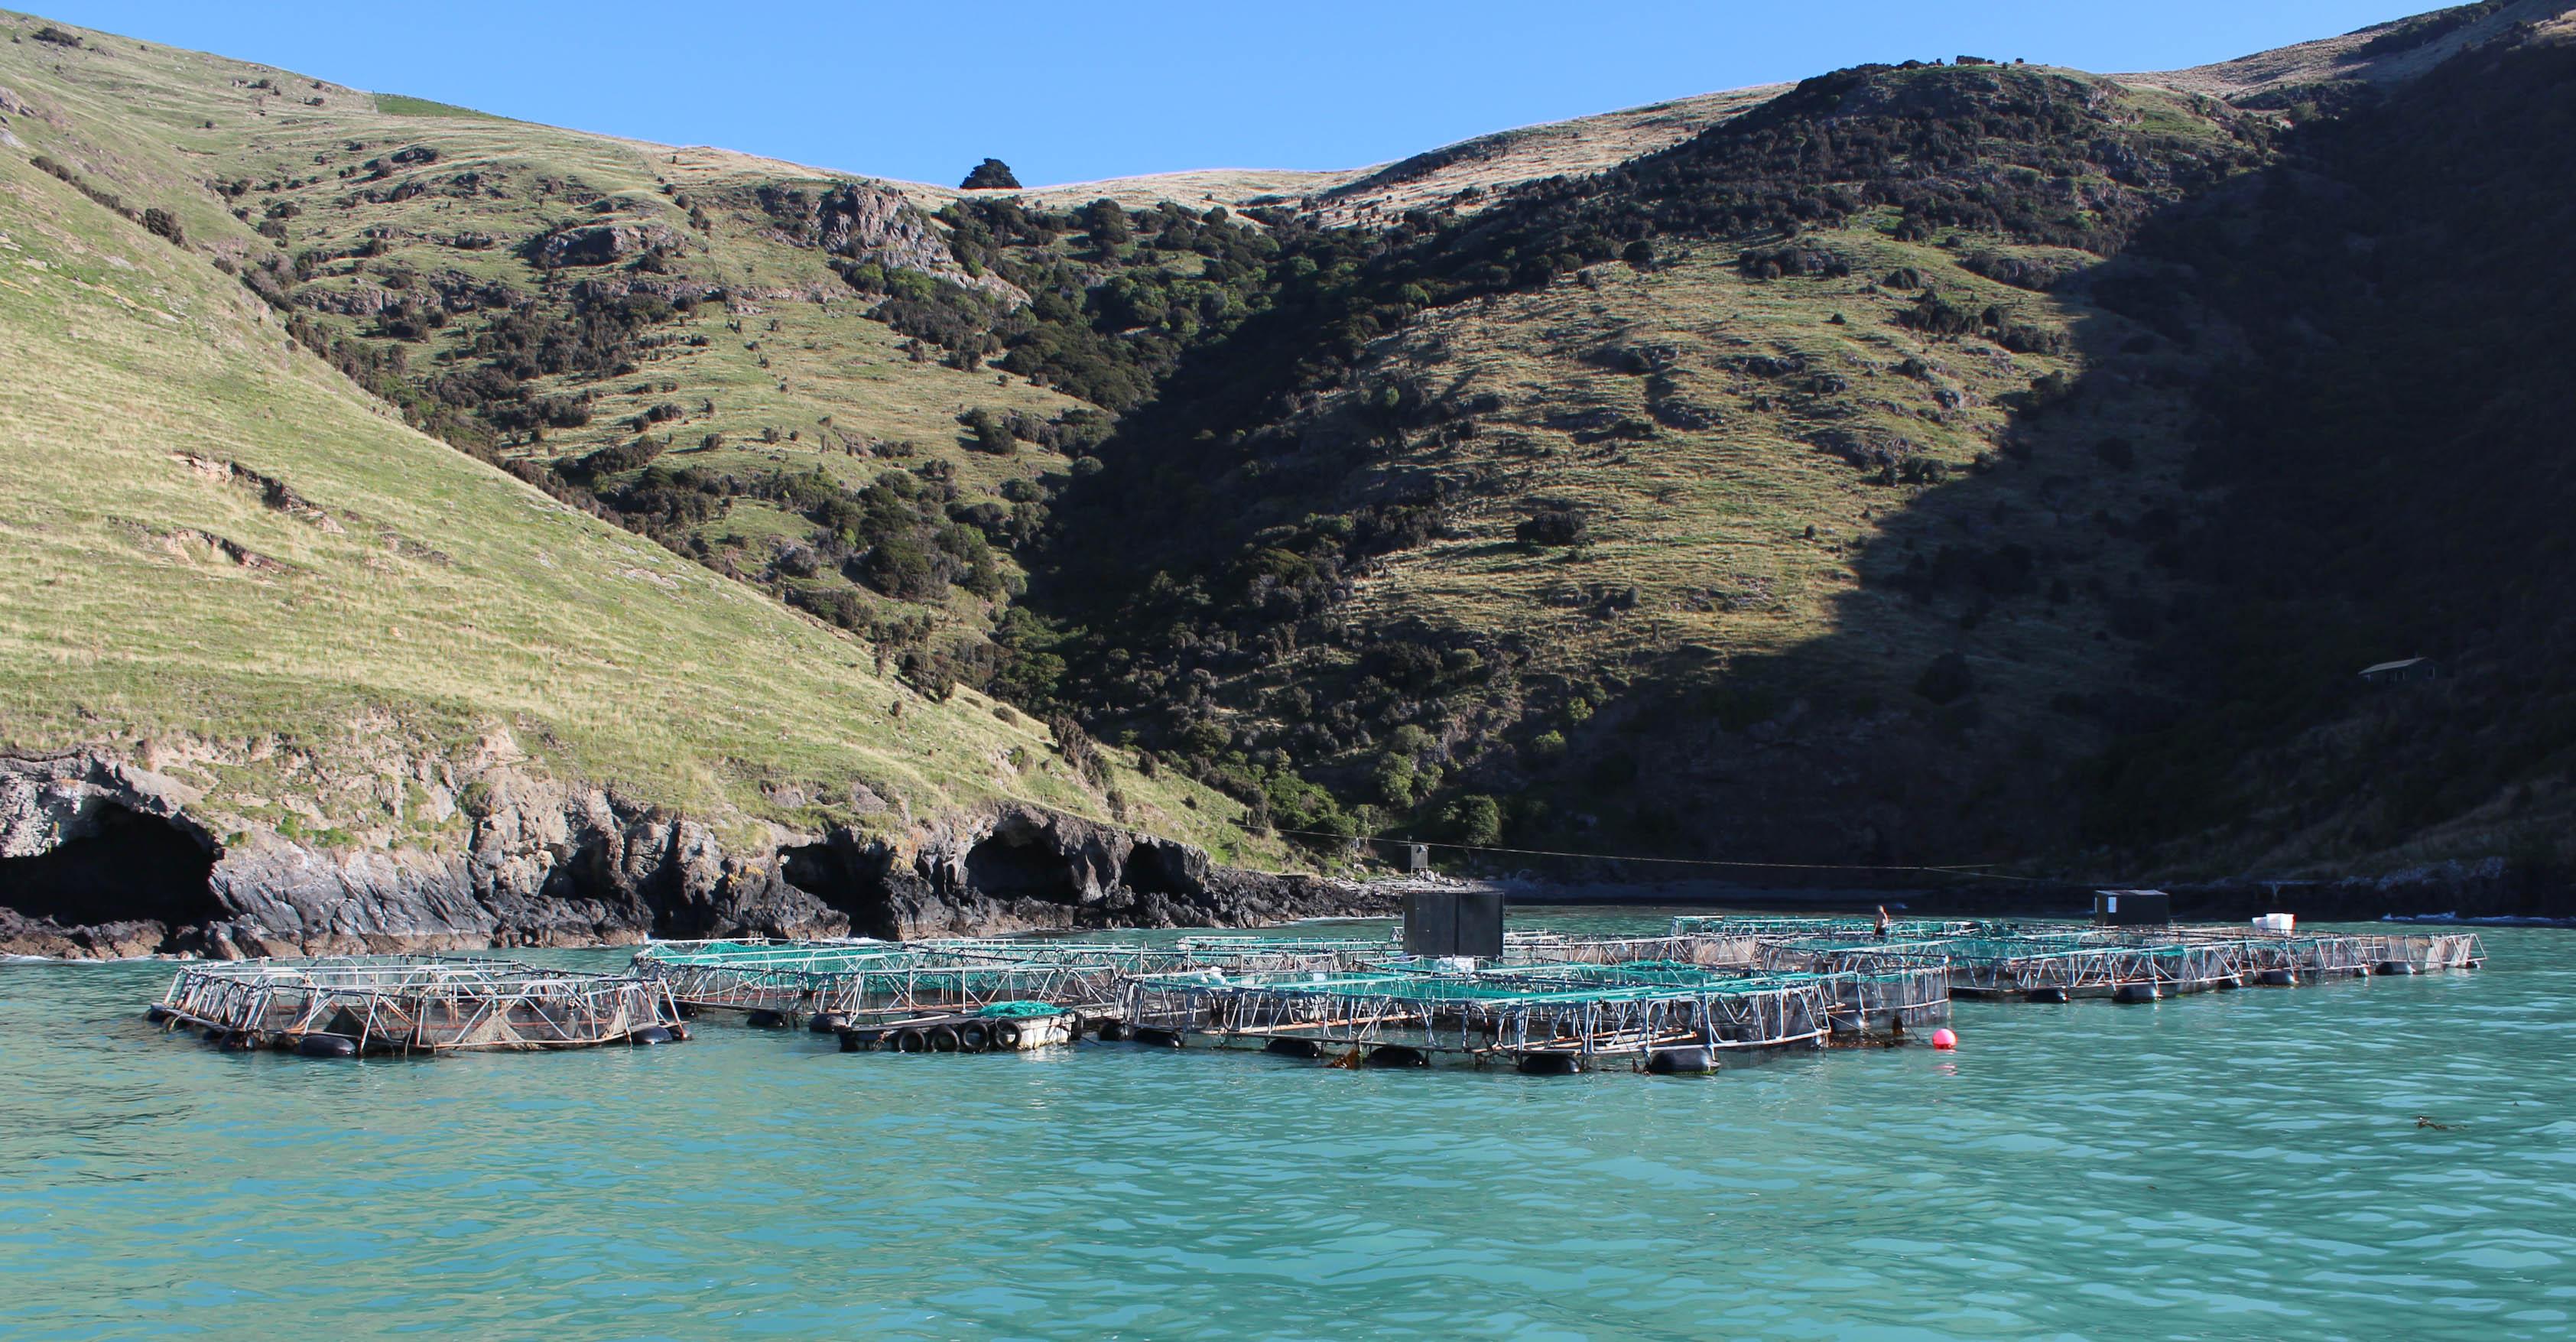 Nouvelle Zélande - Arthur's pass & Akaroa - les lubies de louise (32 sur 46)